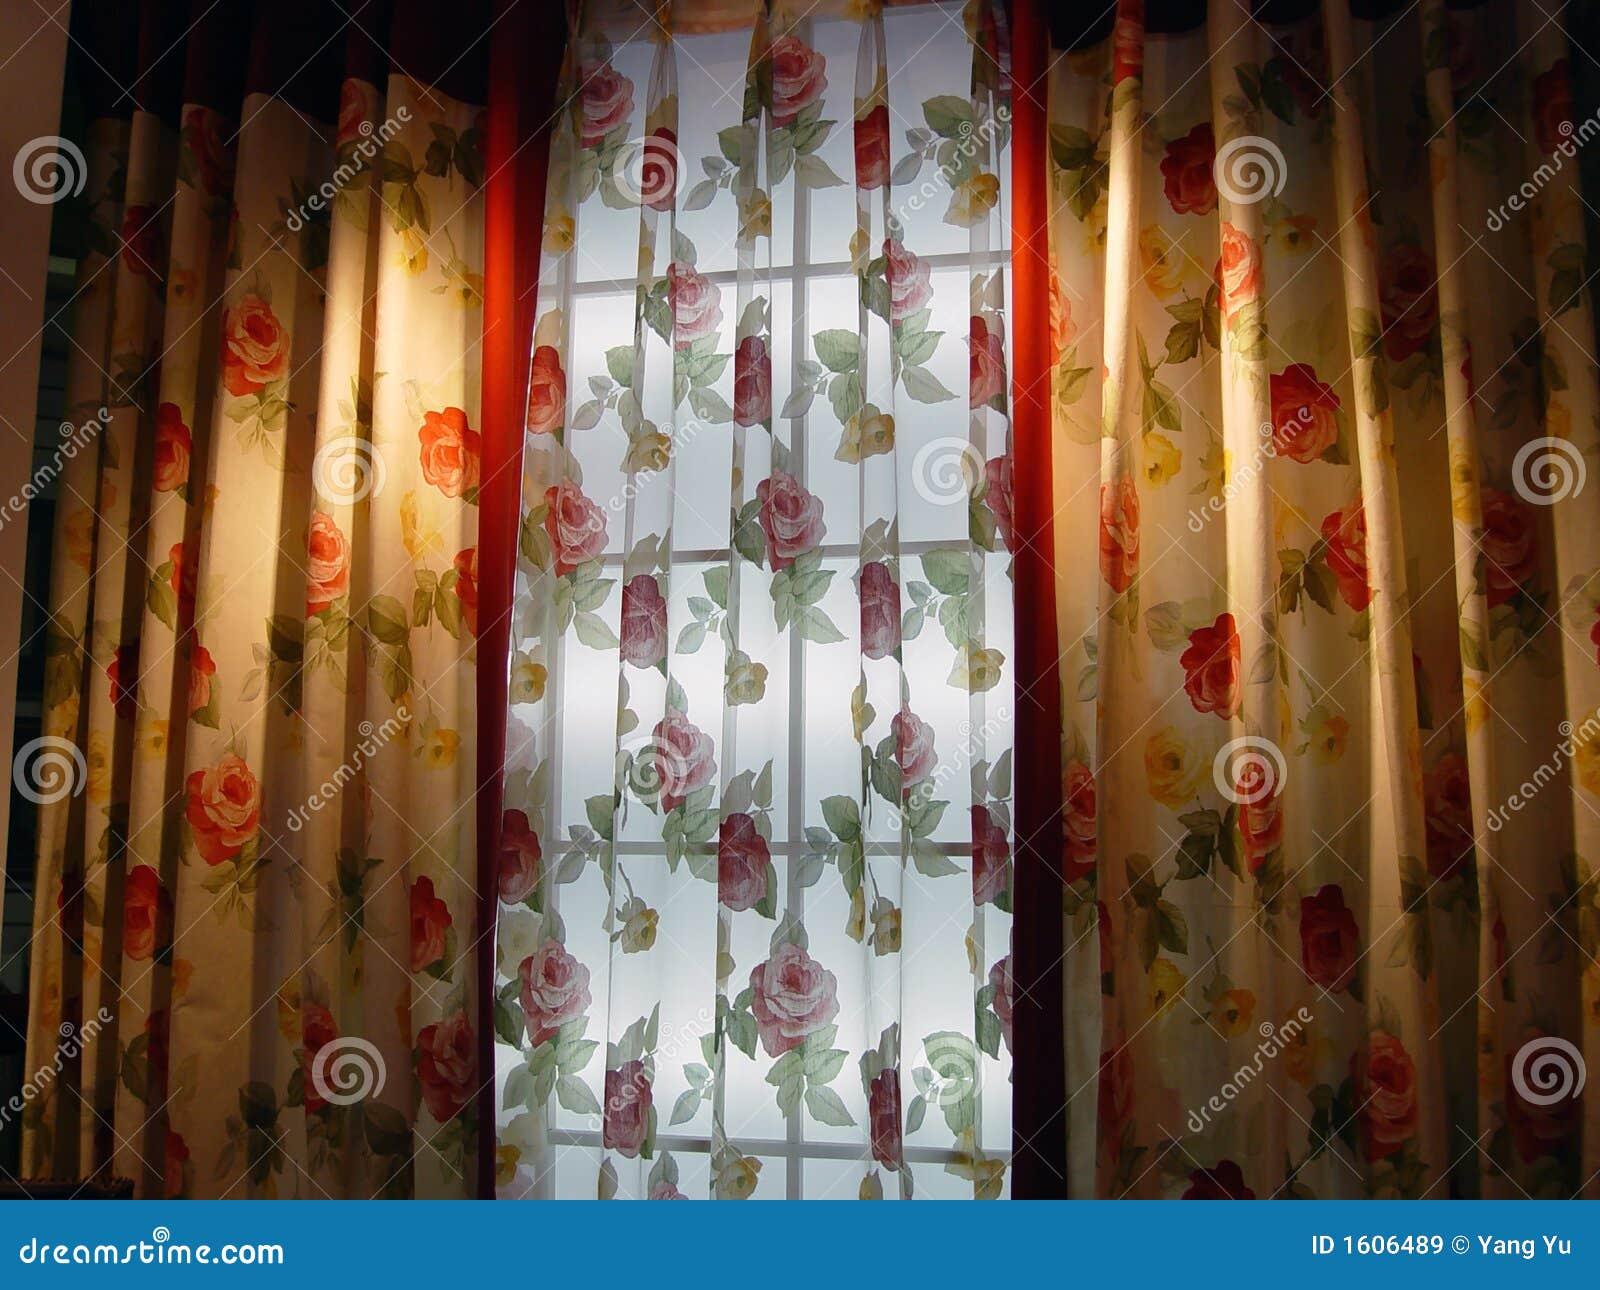 rideau de luxe images libres de droits image 1606489